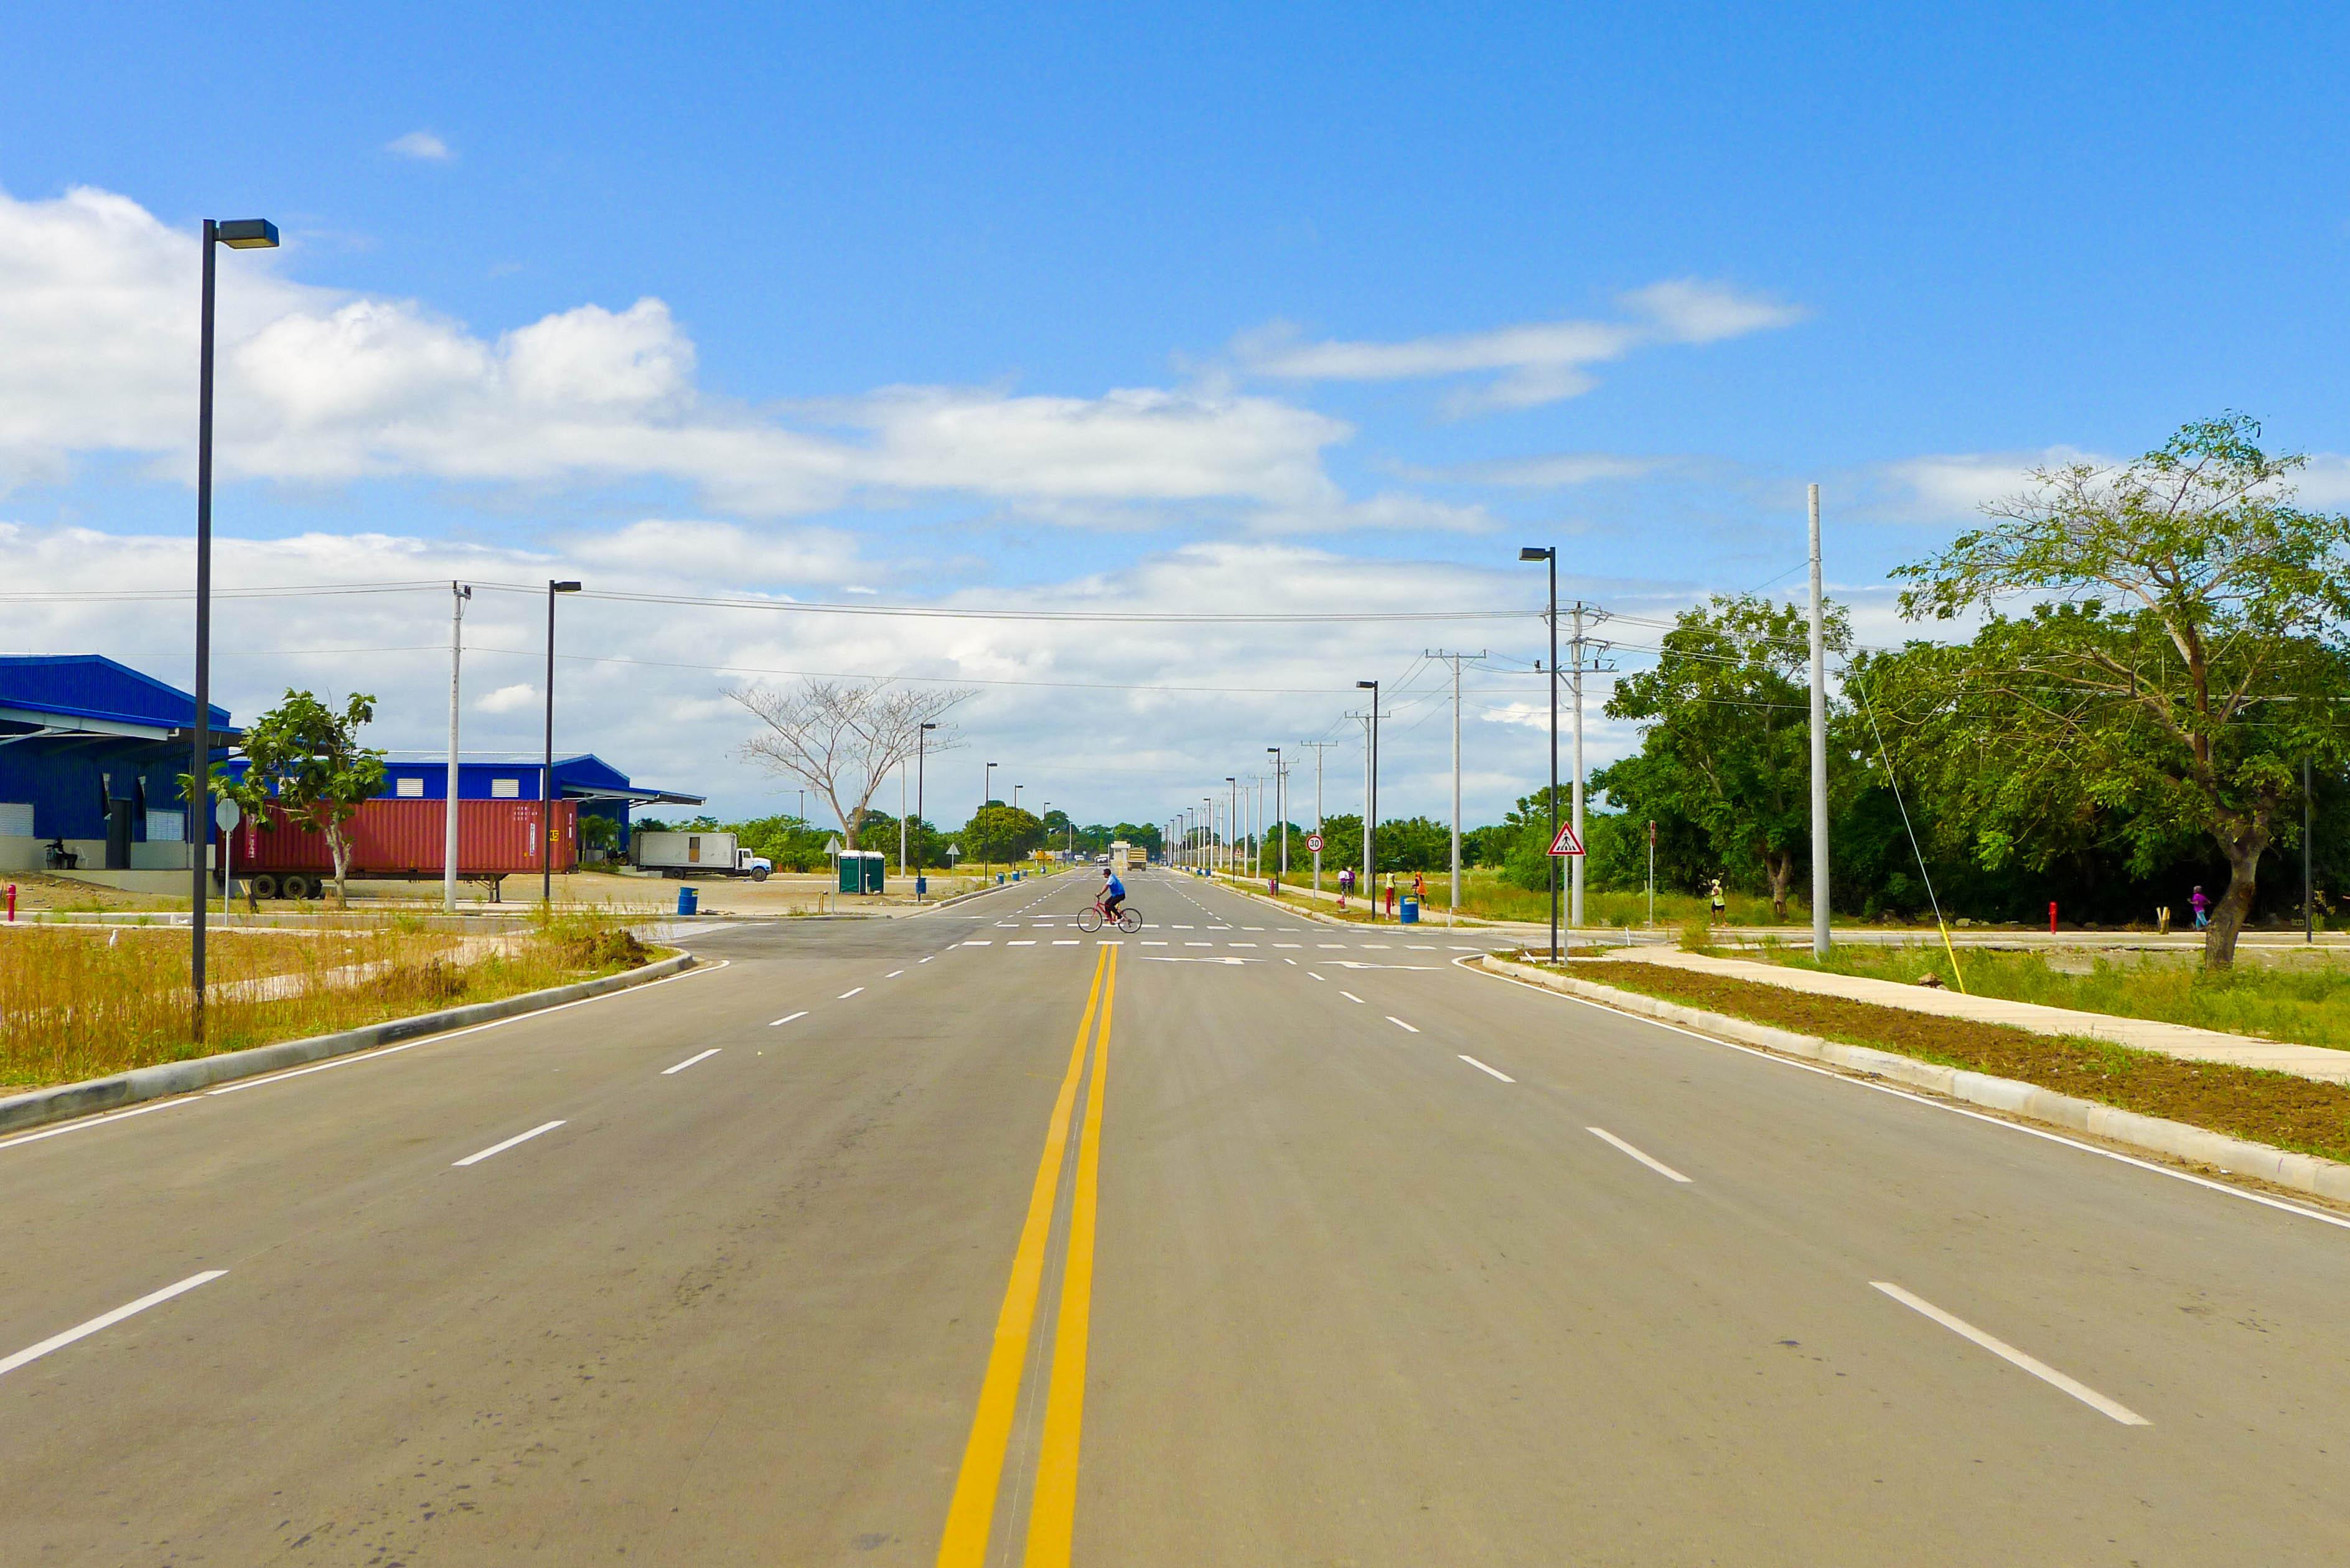 Picture by Patricio Zambrano-Barragán. Parc Industriel de Caracol (PIC)